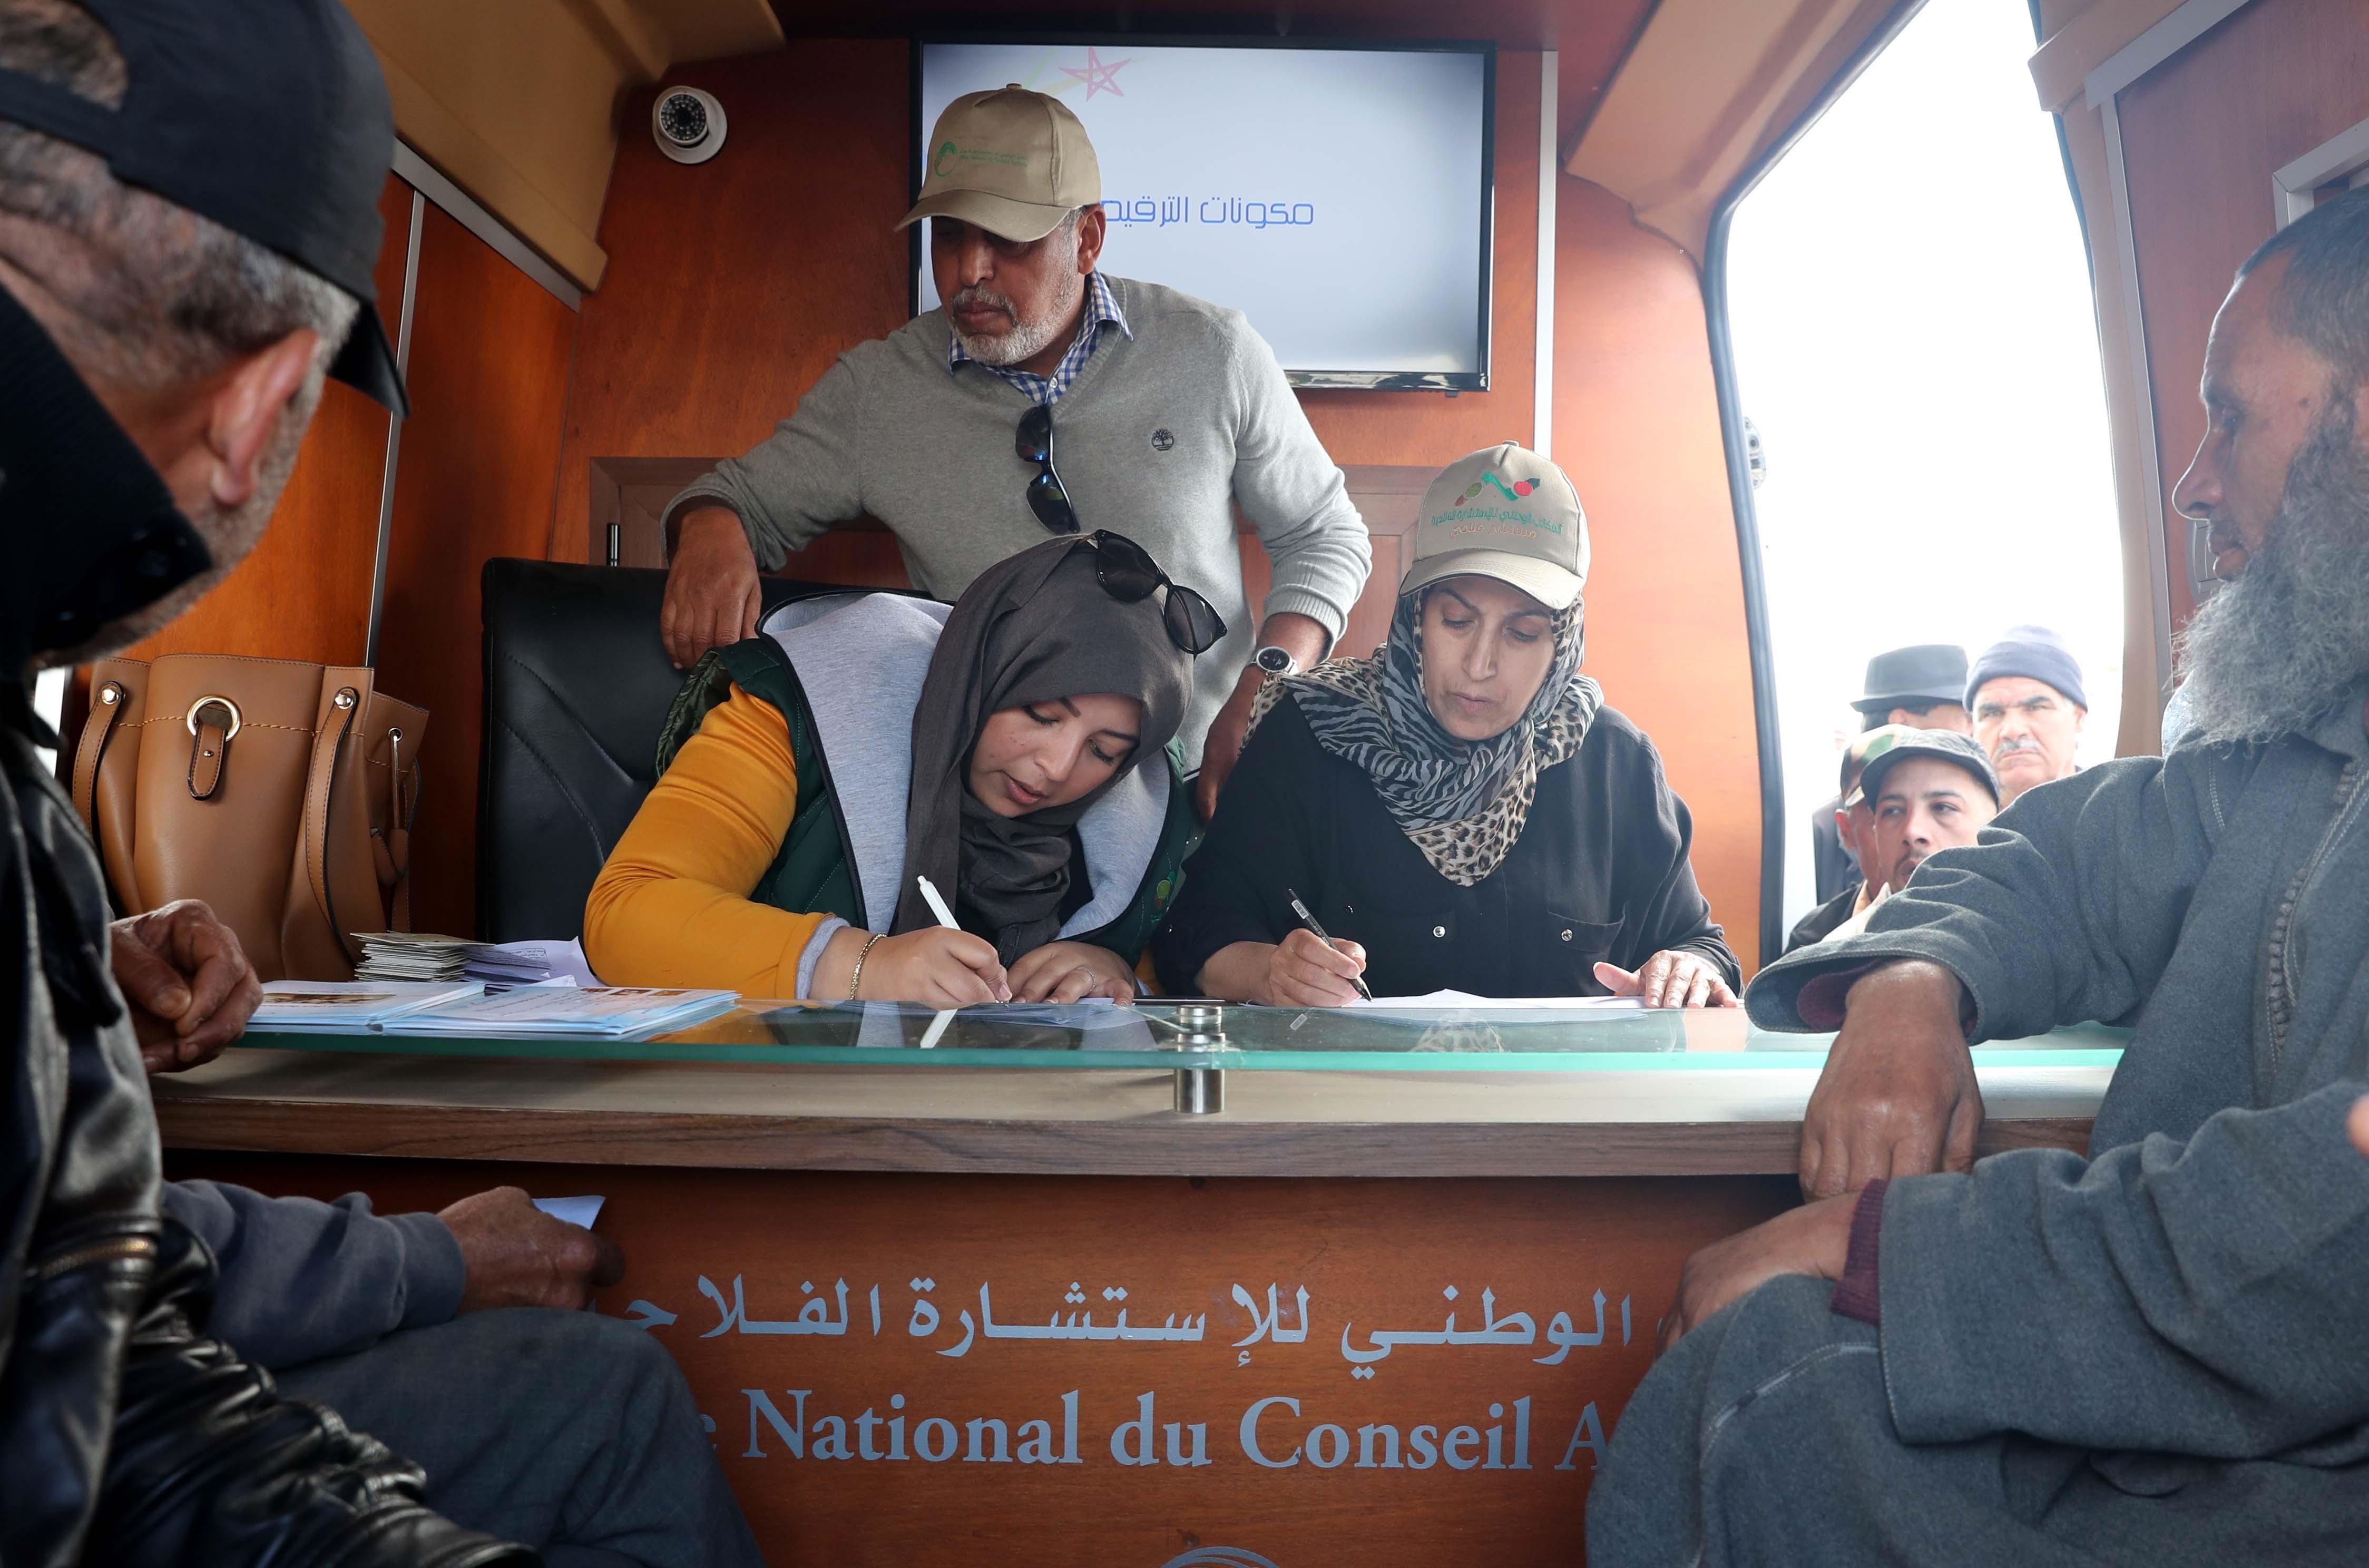 L'opération permettra à l'ONSSA de disposer d'une base de données des éleveurs engraisseurs des ovins et caprins destinés à l'abattage à l'occasion de l'Aïd Al Adha. Ph. MAP